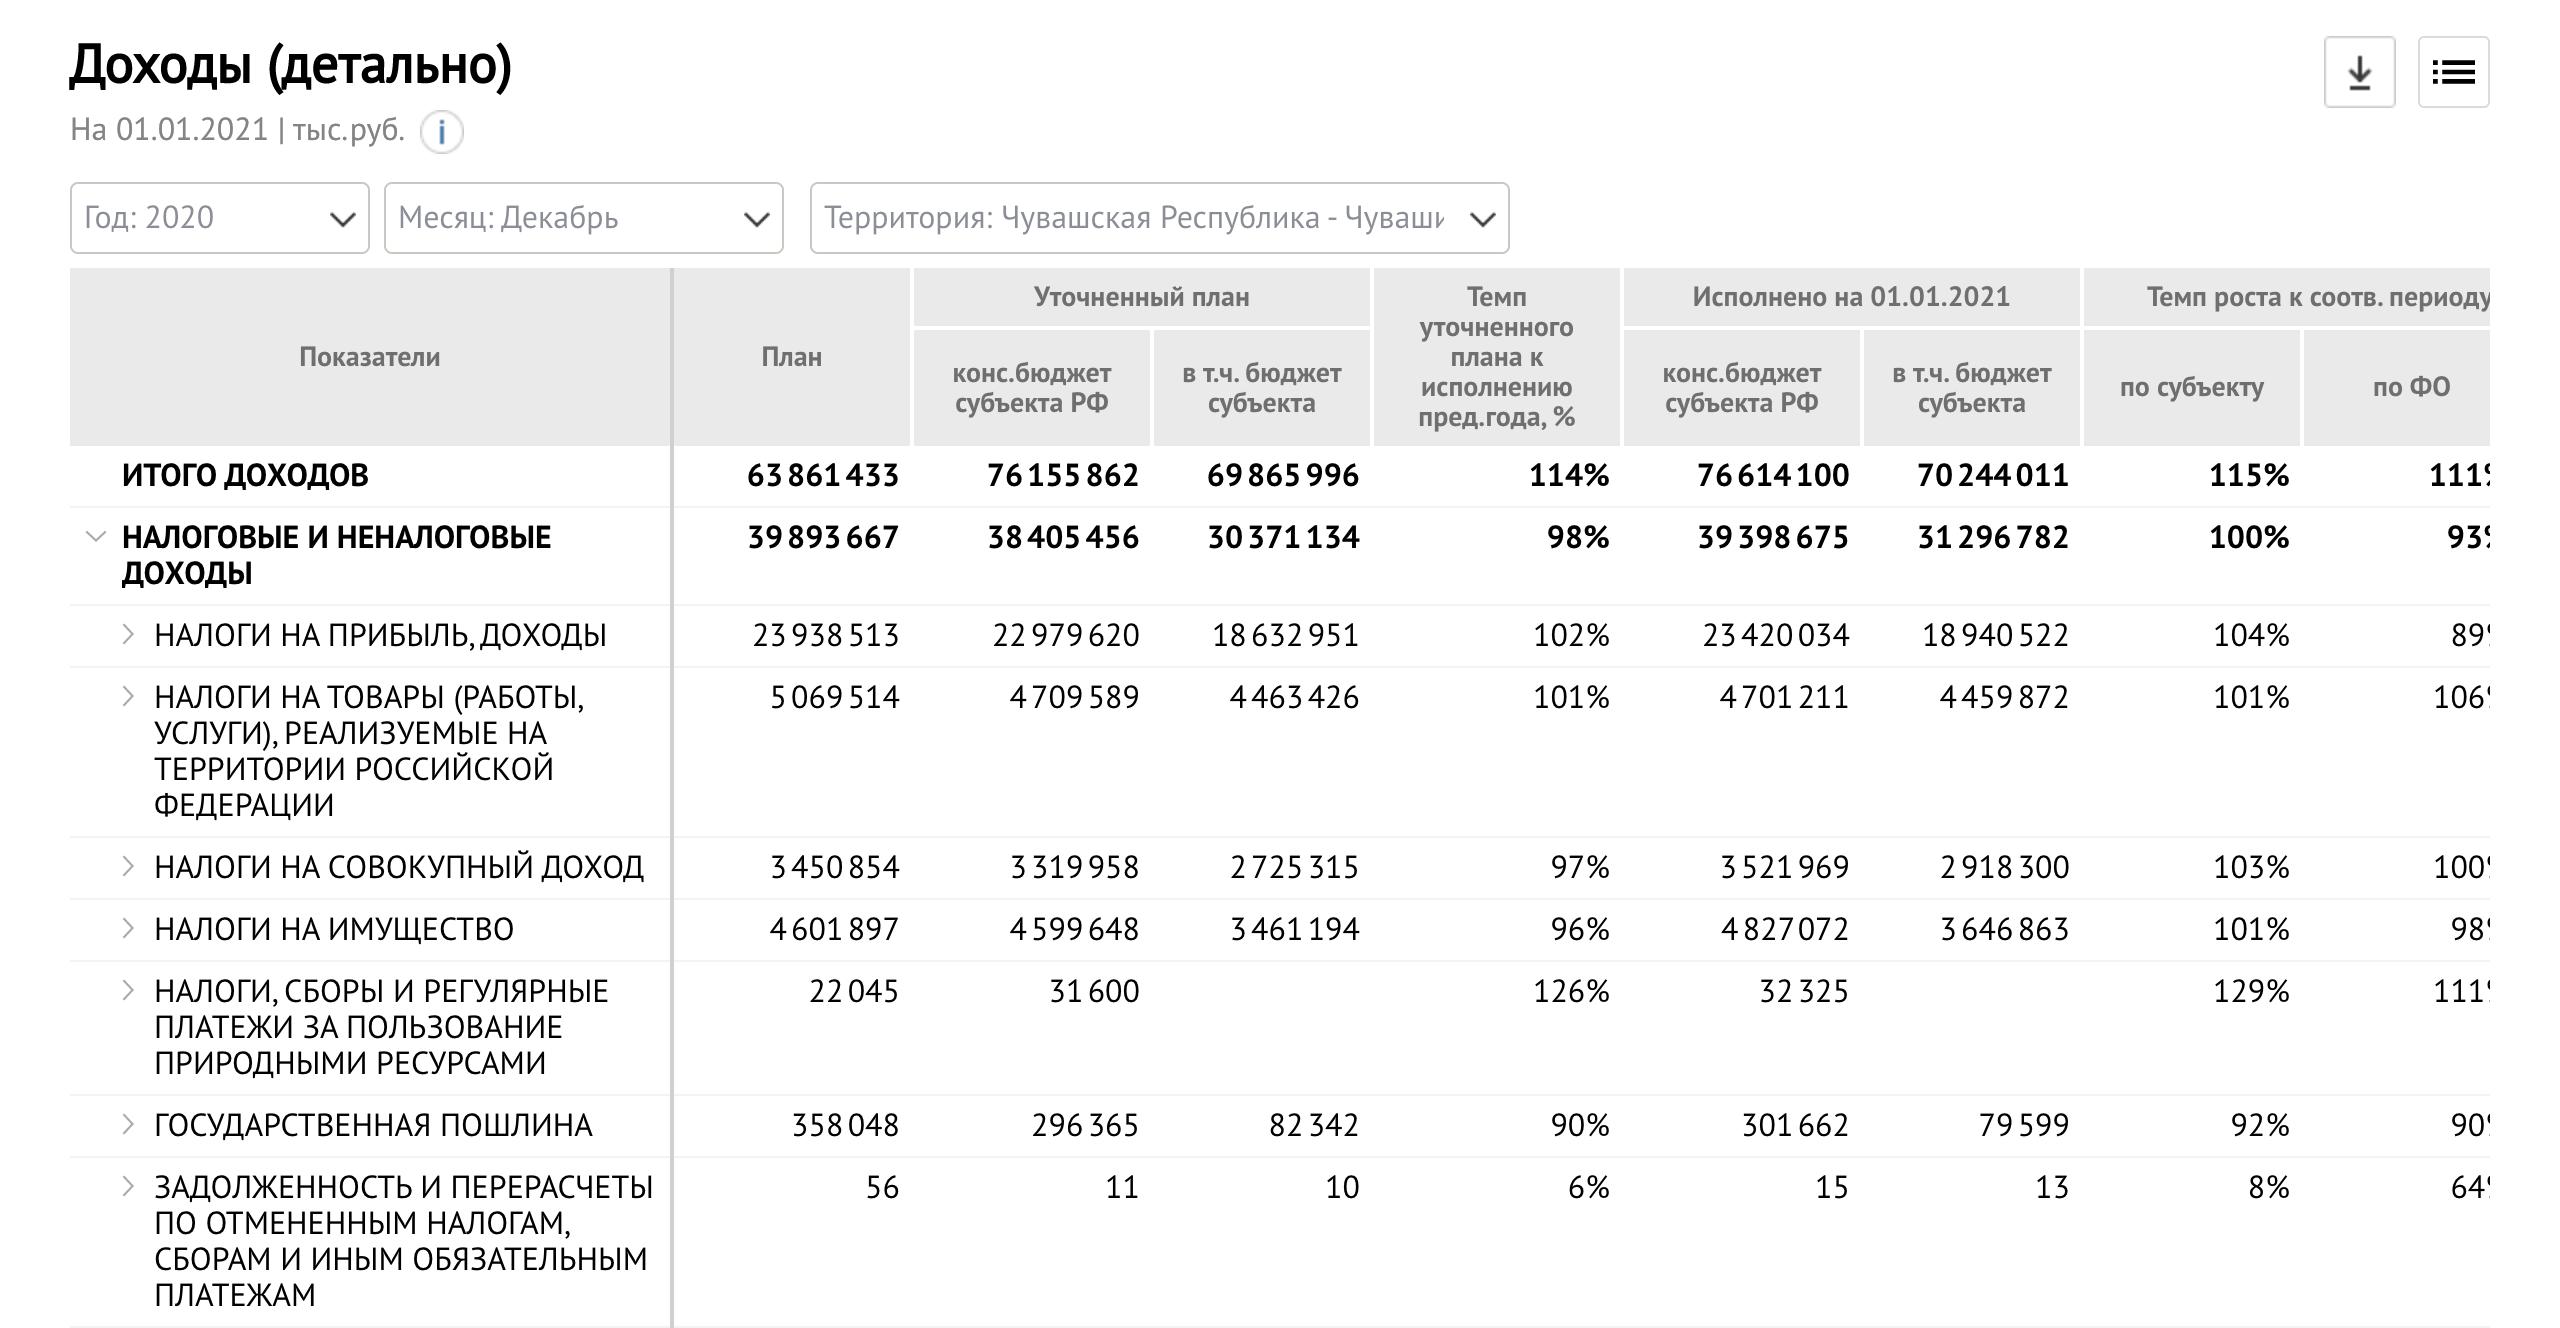 revenues details